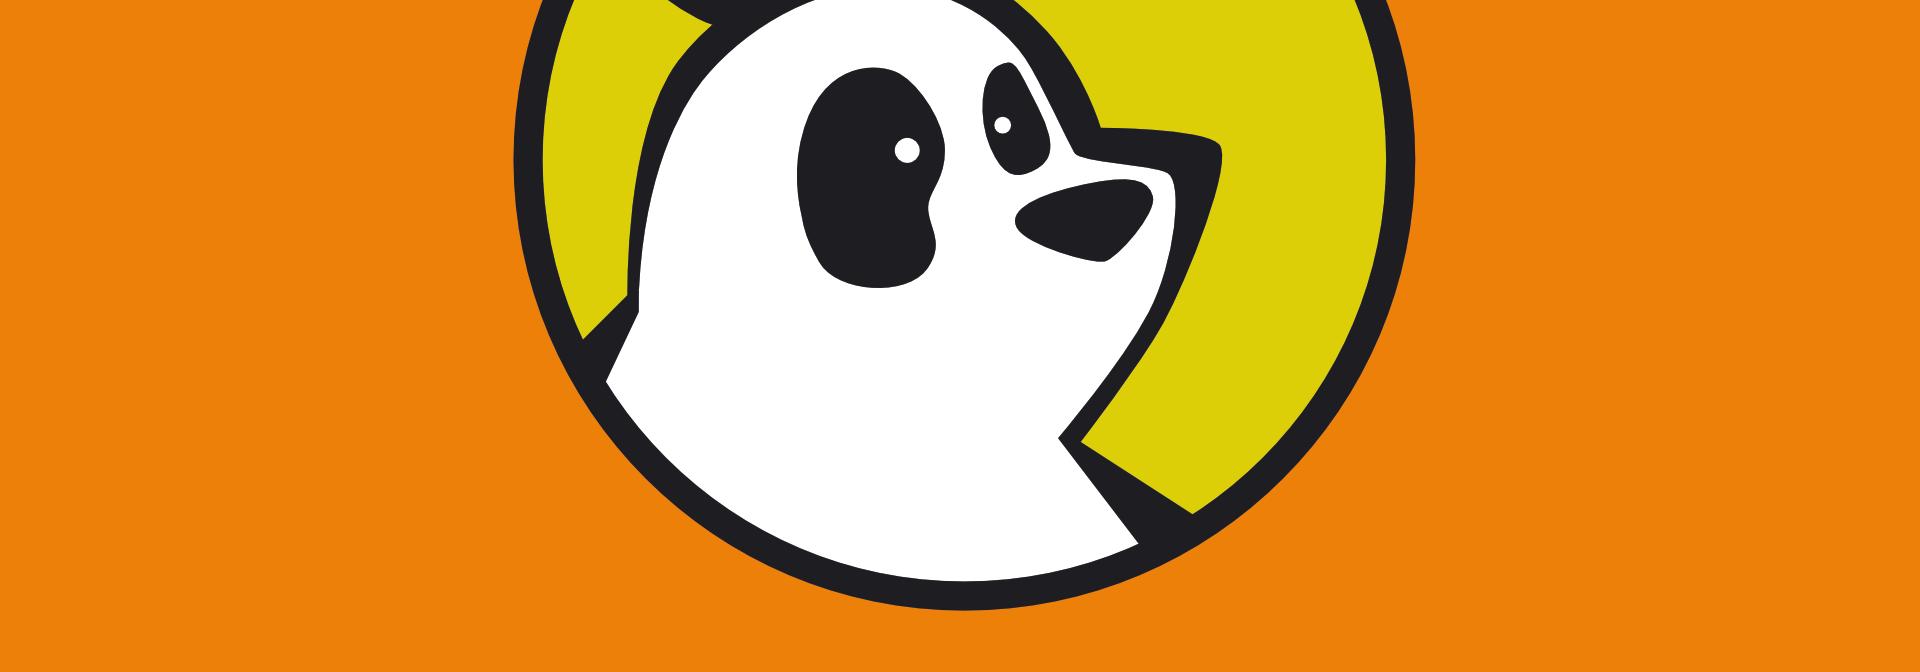 Weekend Panda